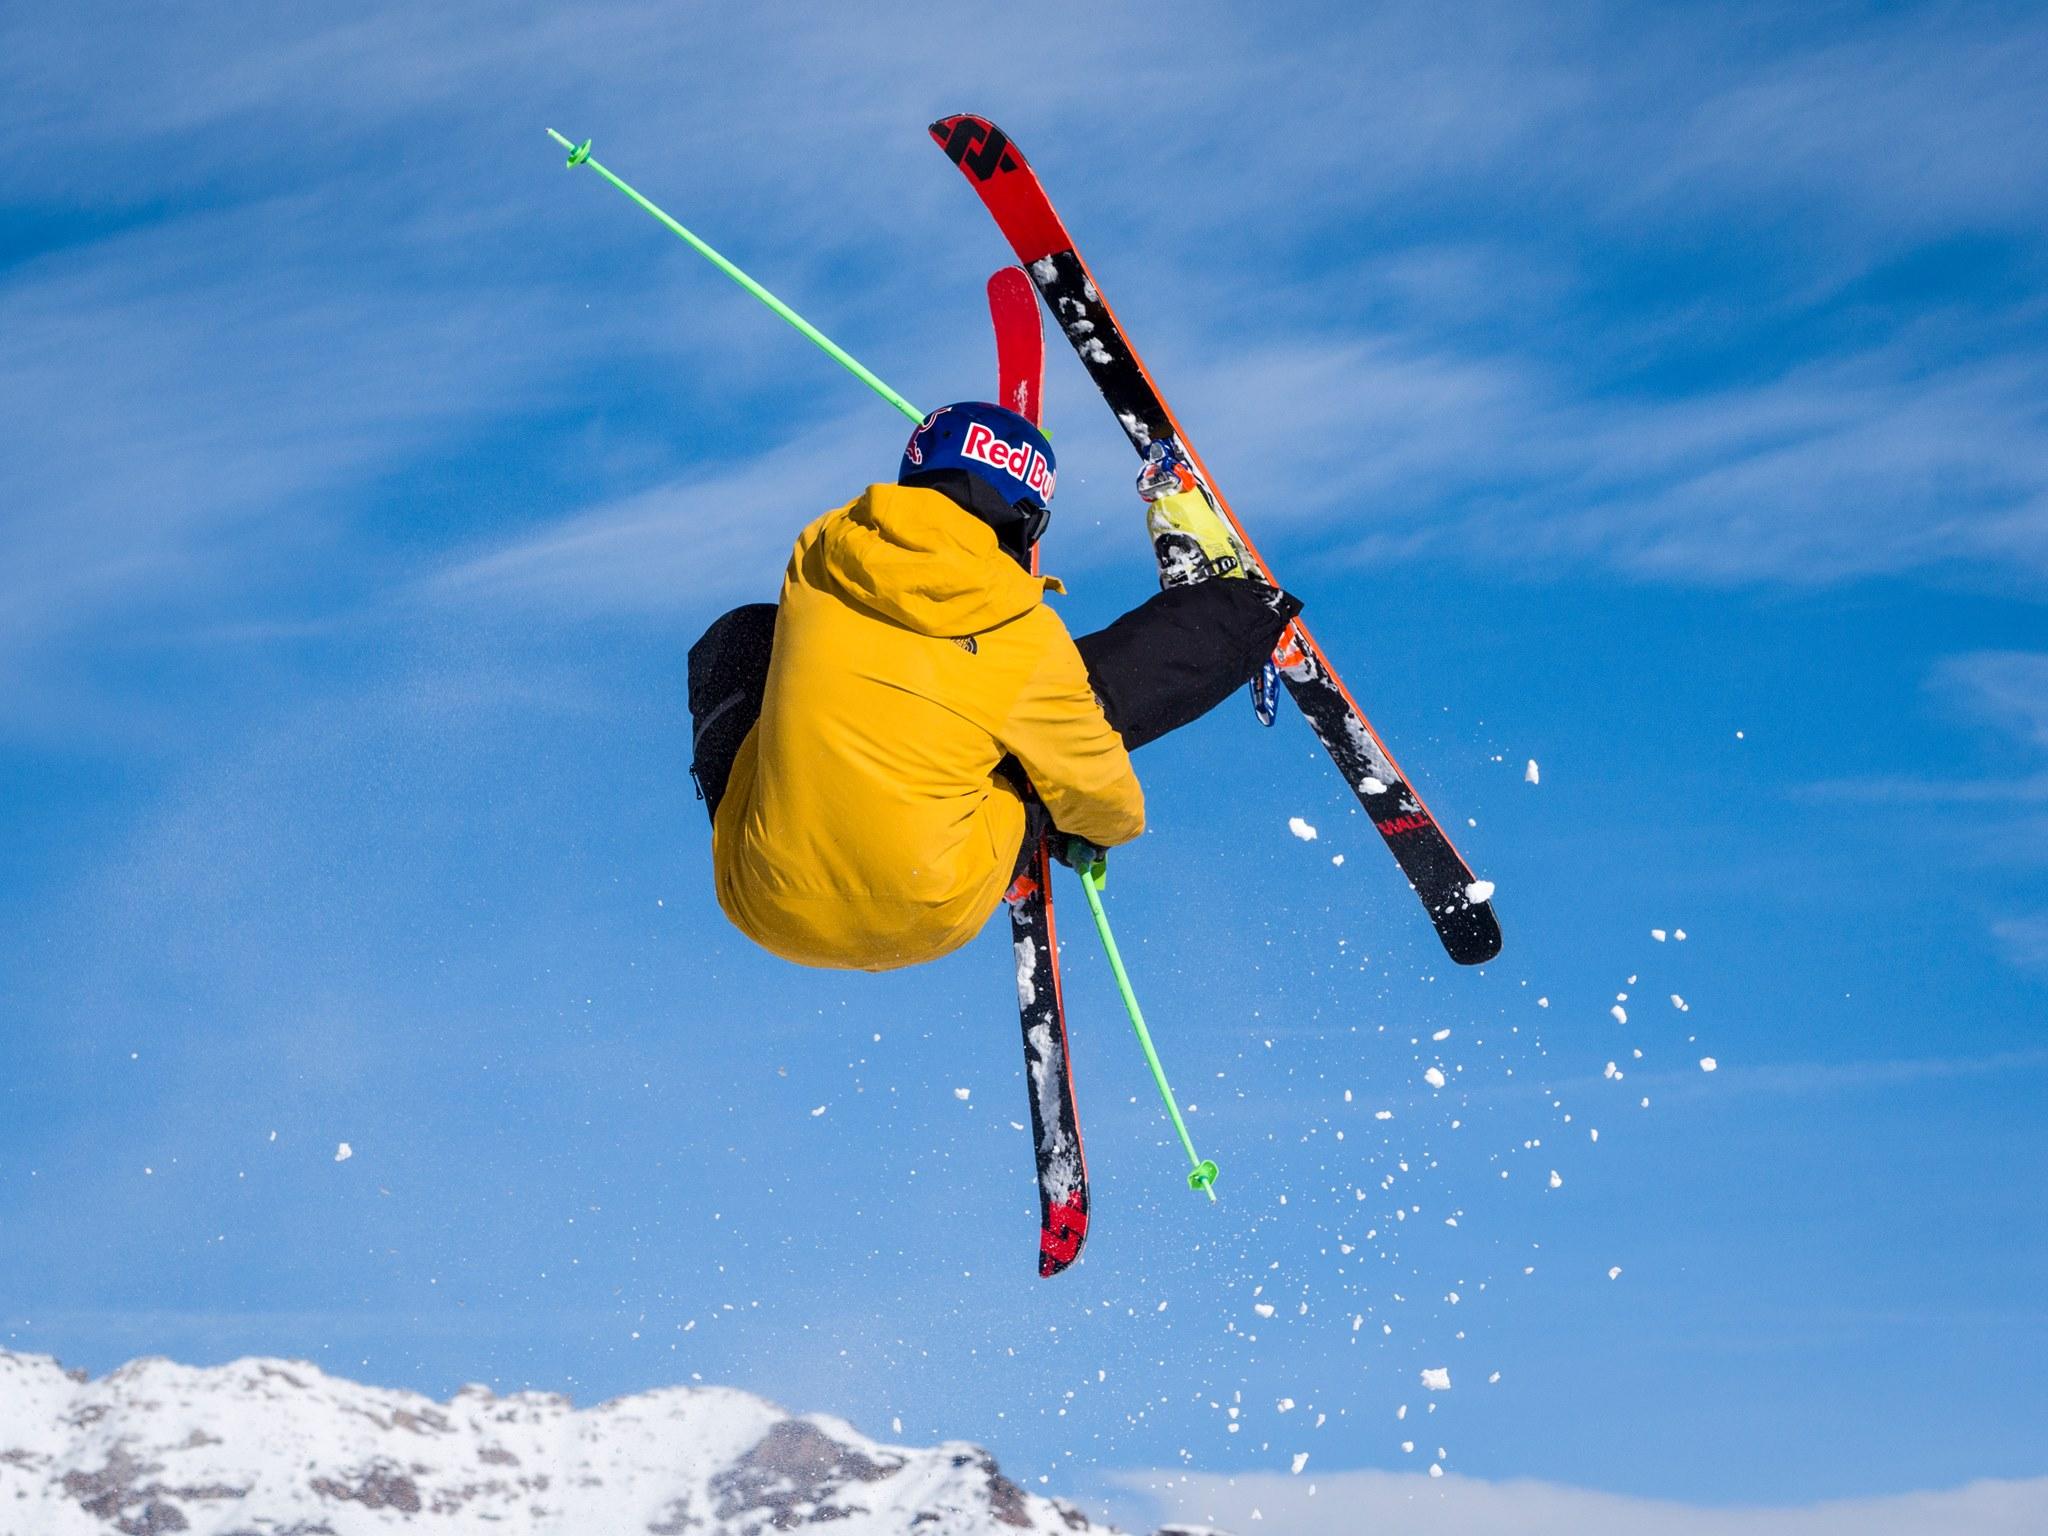 Acrobazie sugli sci sul Mottolino sulle Alpi